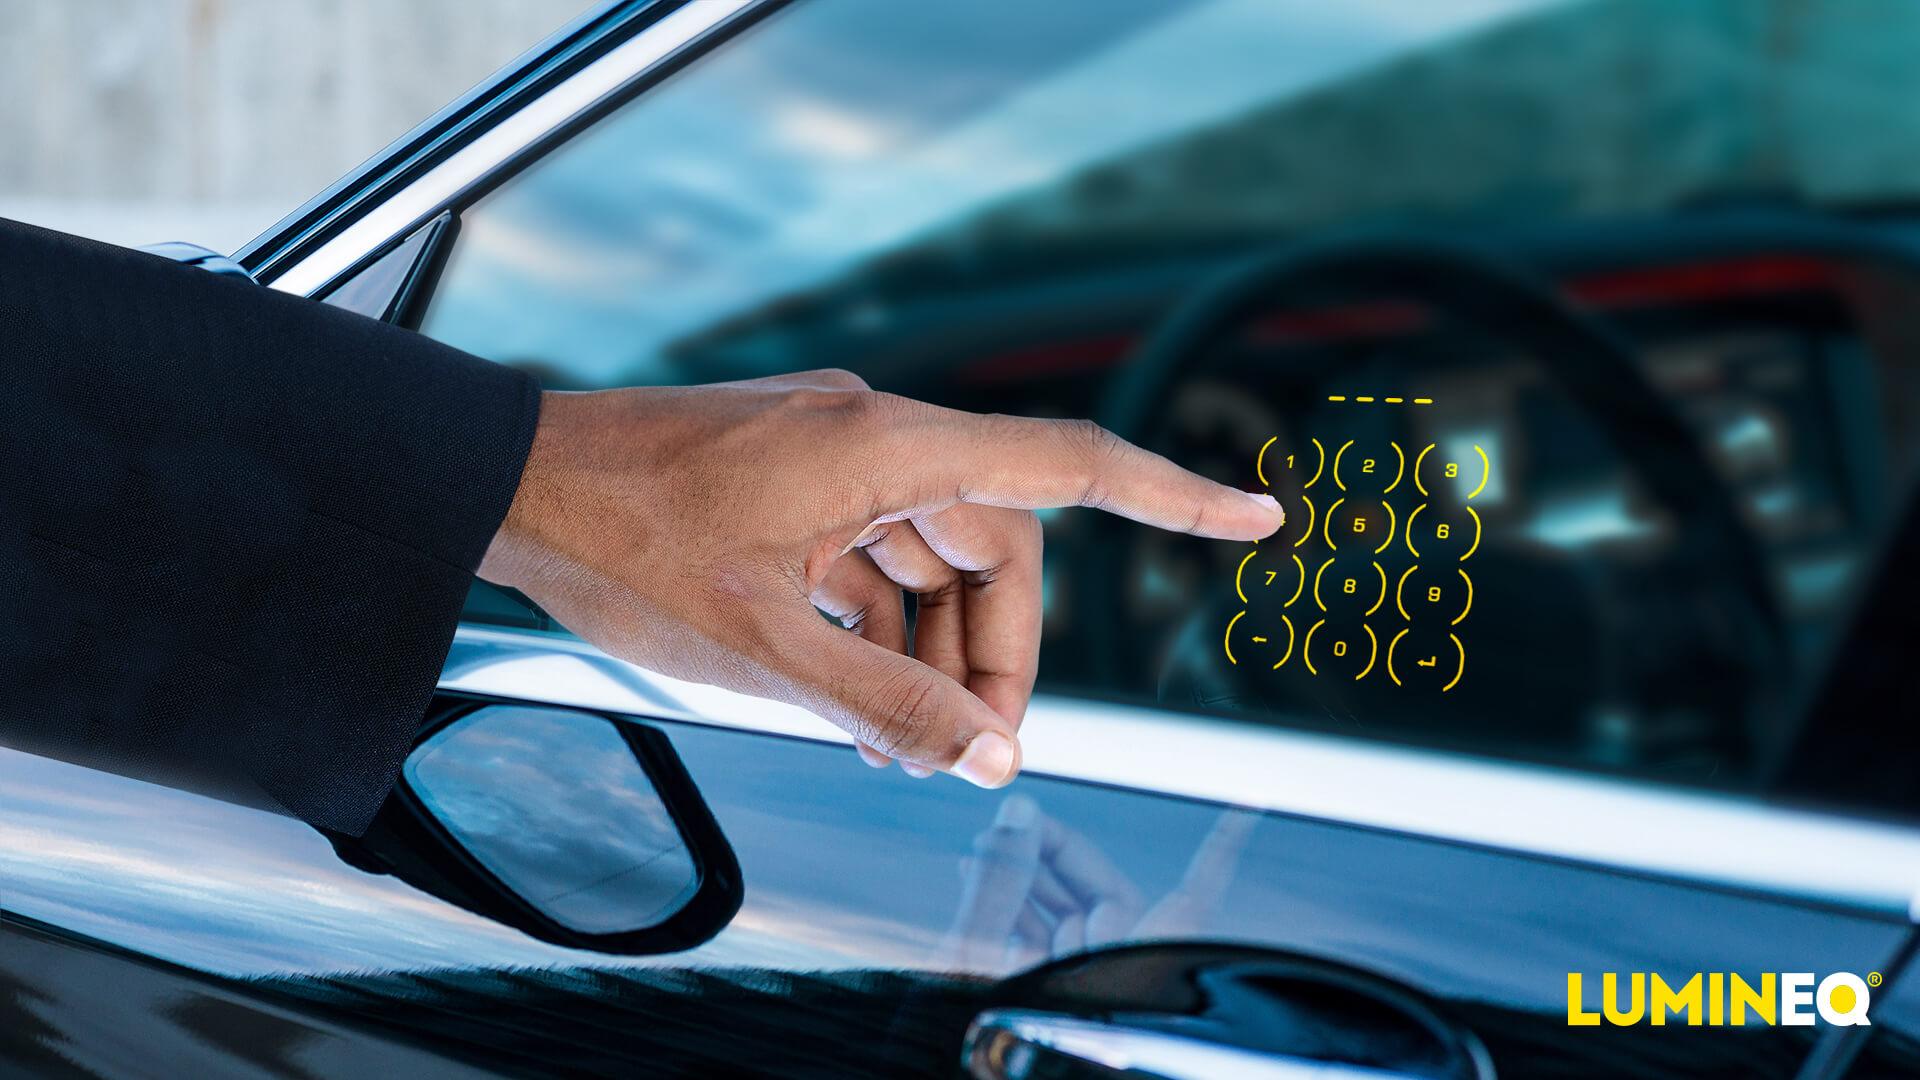 Car_side_window-touch_keypad-2021-1920x1080-v02 (1)